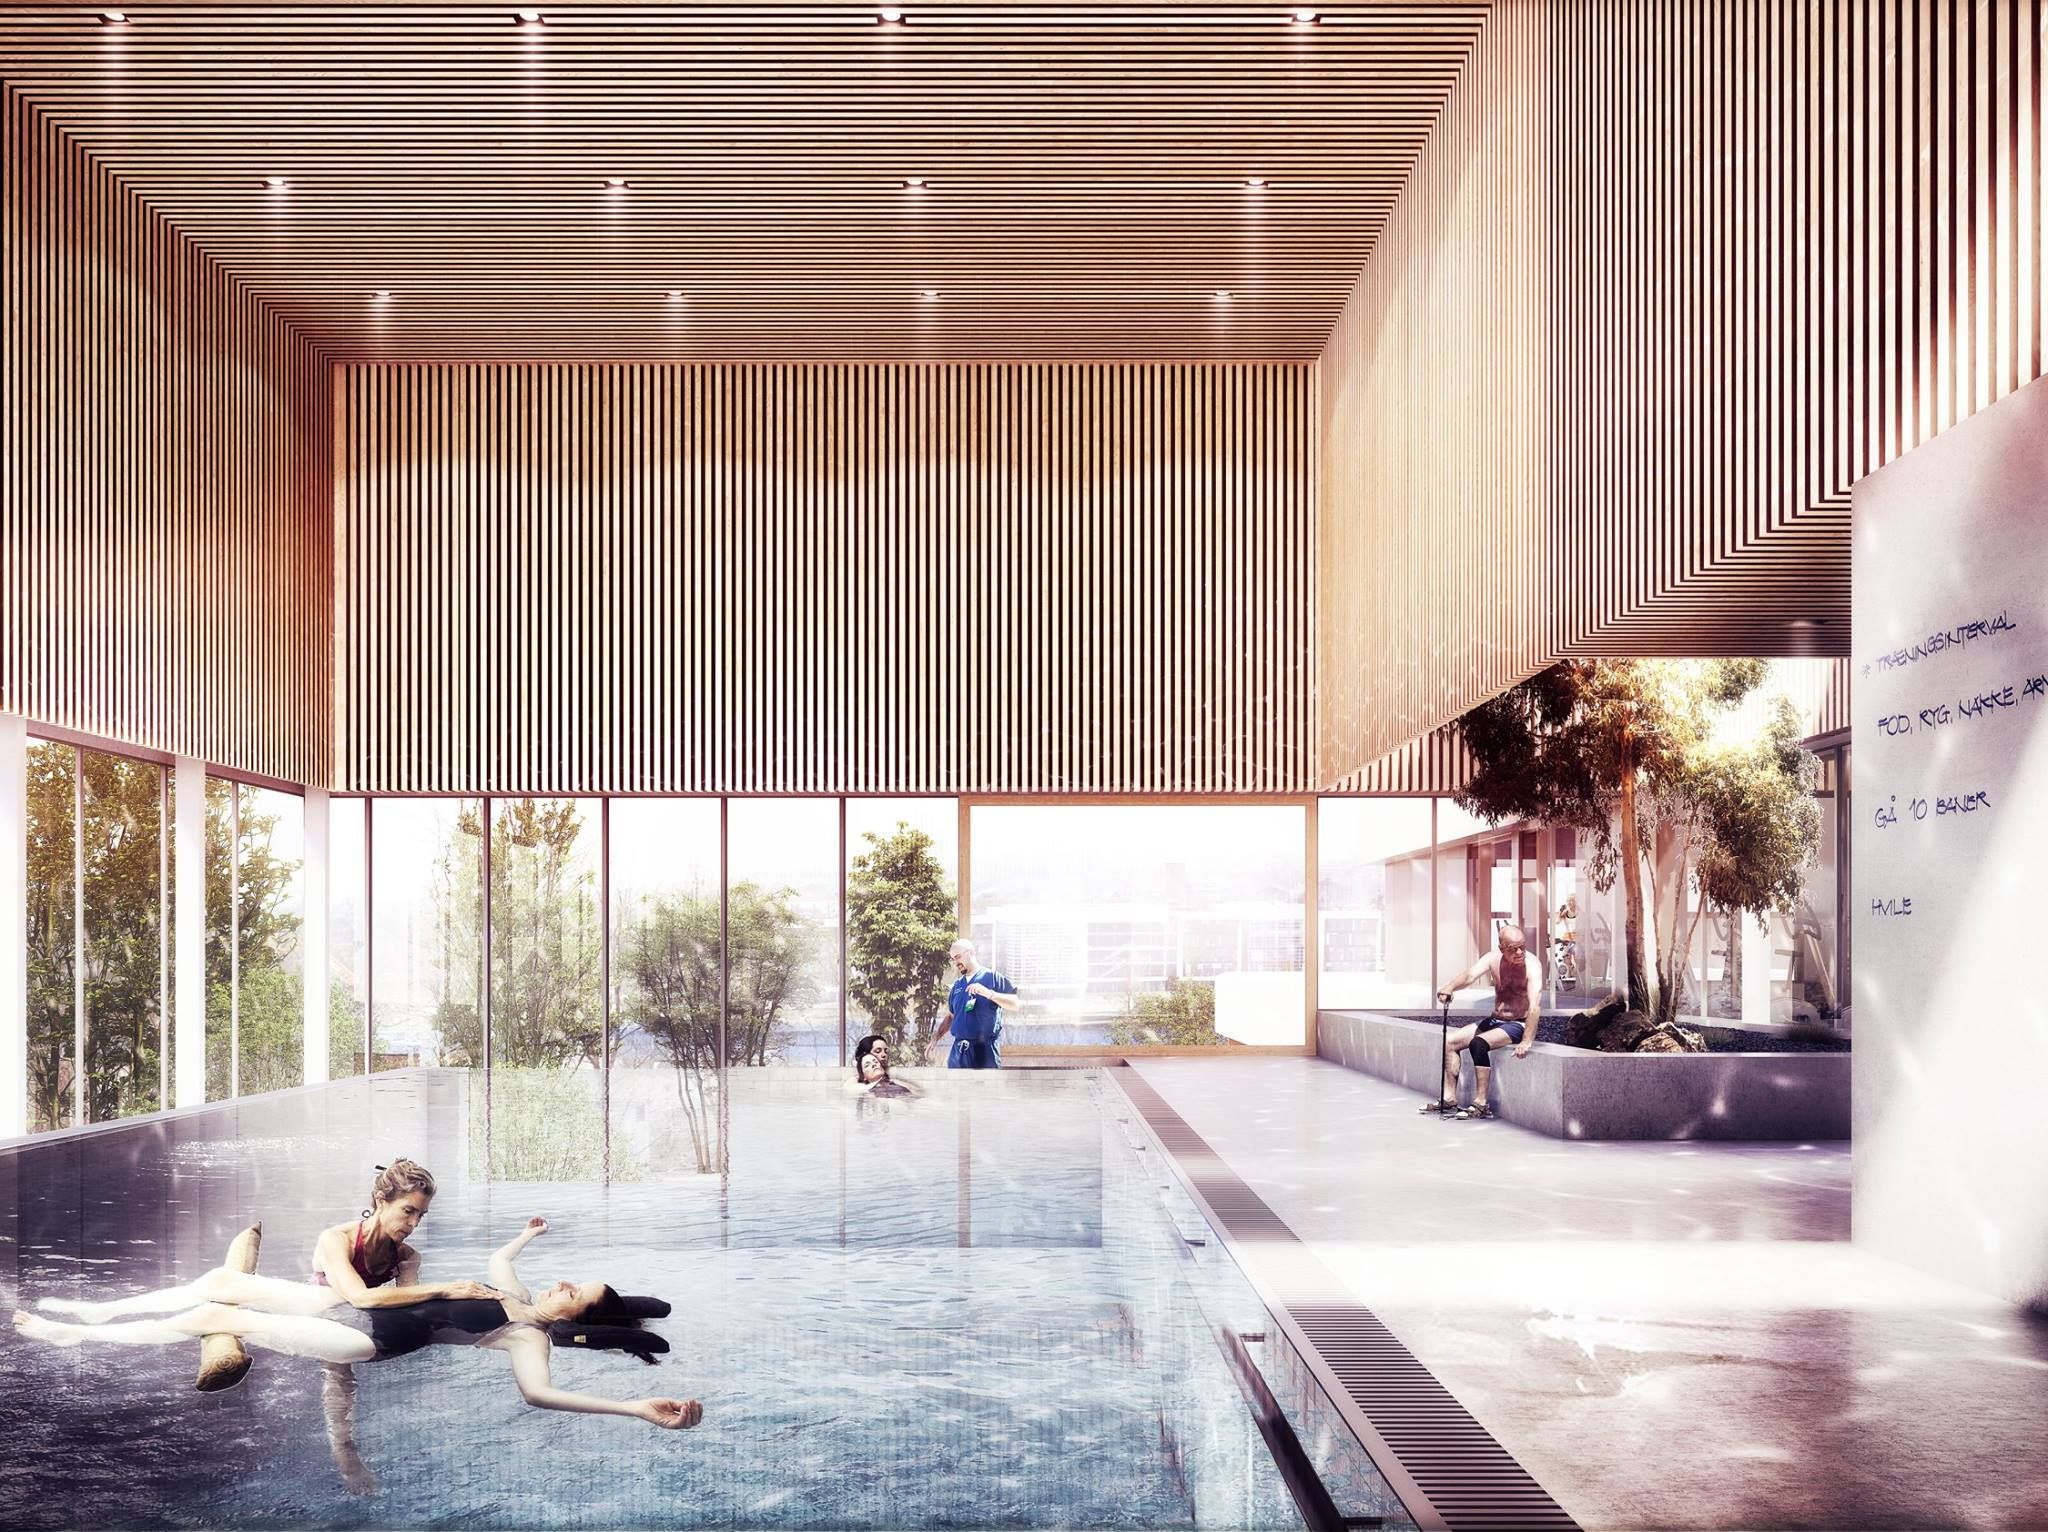 Pin von Yeann Mys\' auf rendering | Pinterest | Schwimmbäder ...